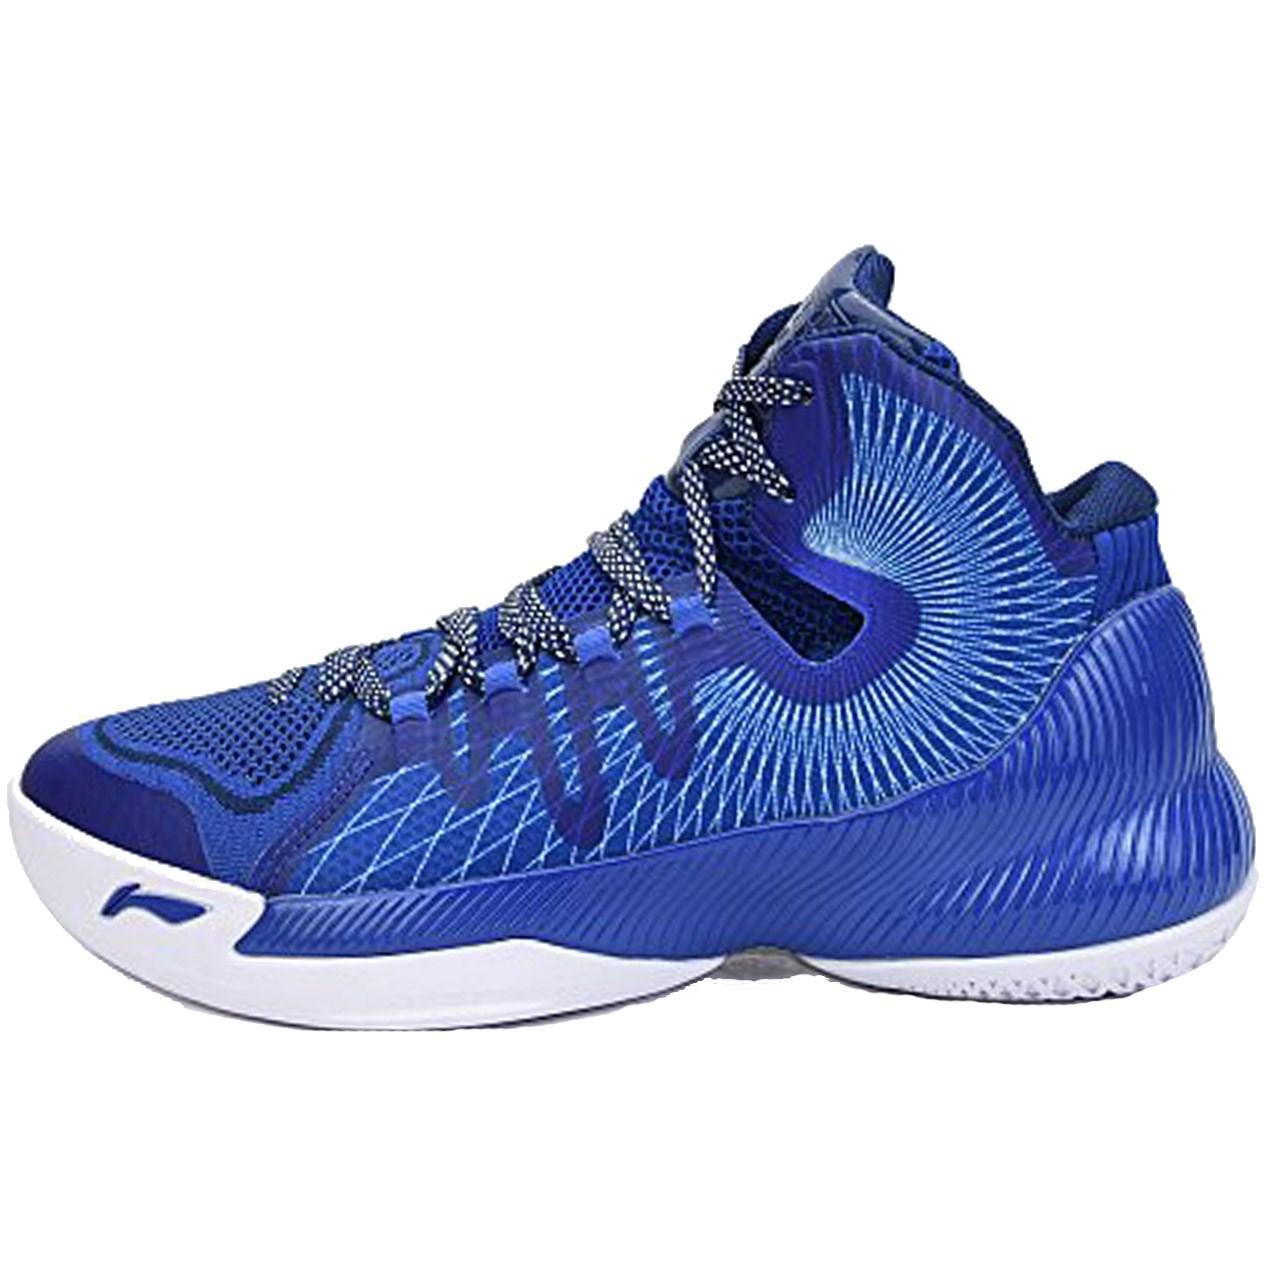 قیمت کفش بسکتبال مردانه لی نینگ مدل Phantom